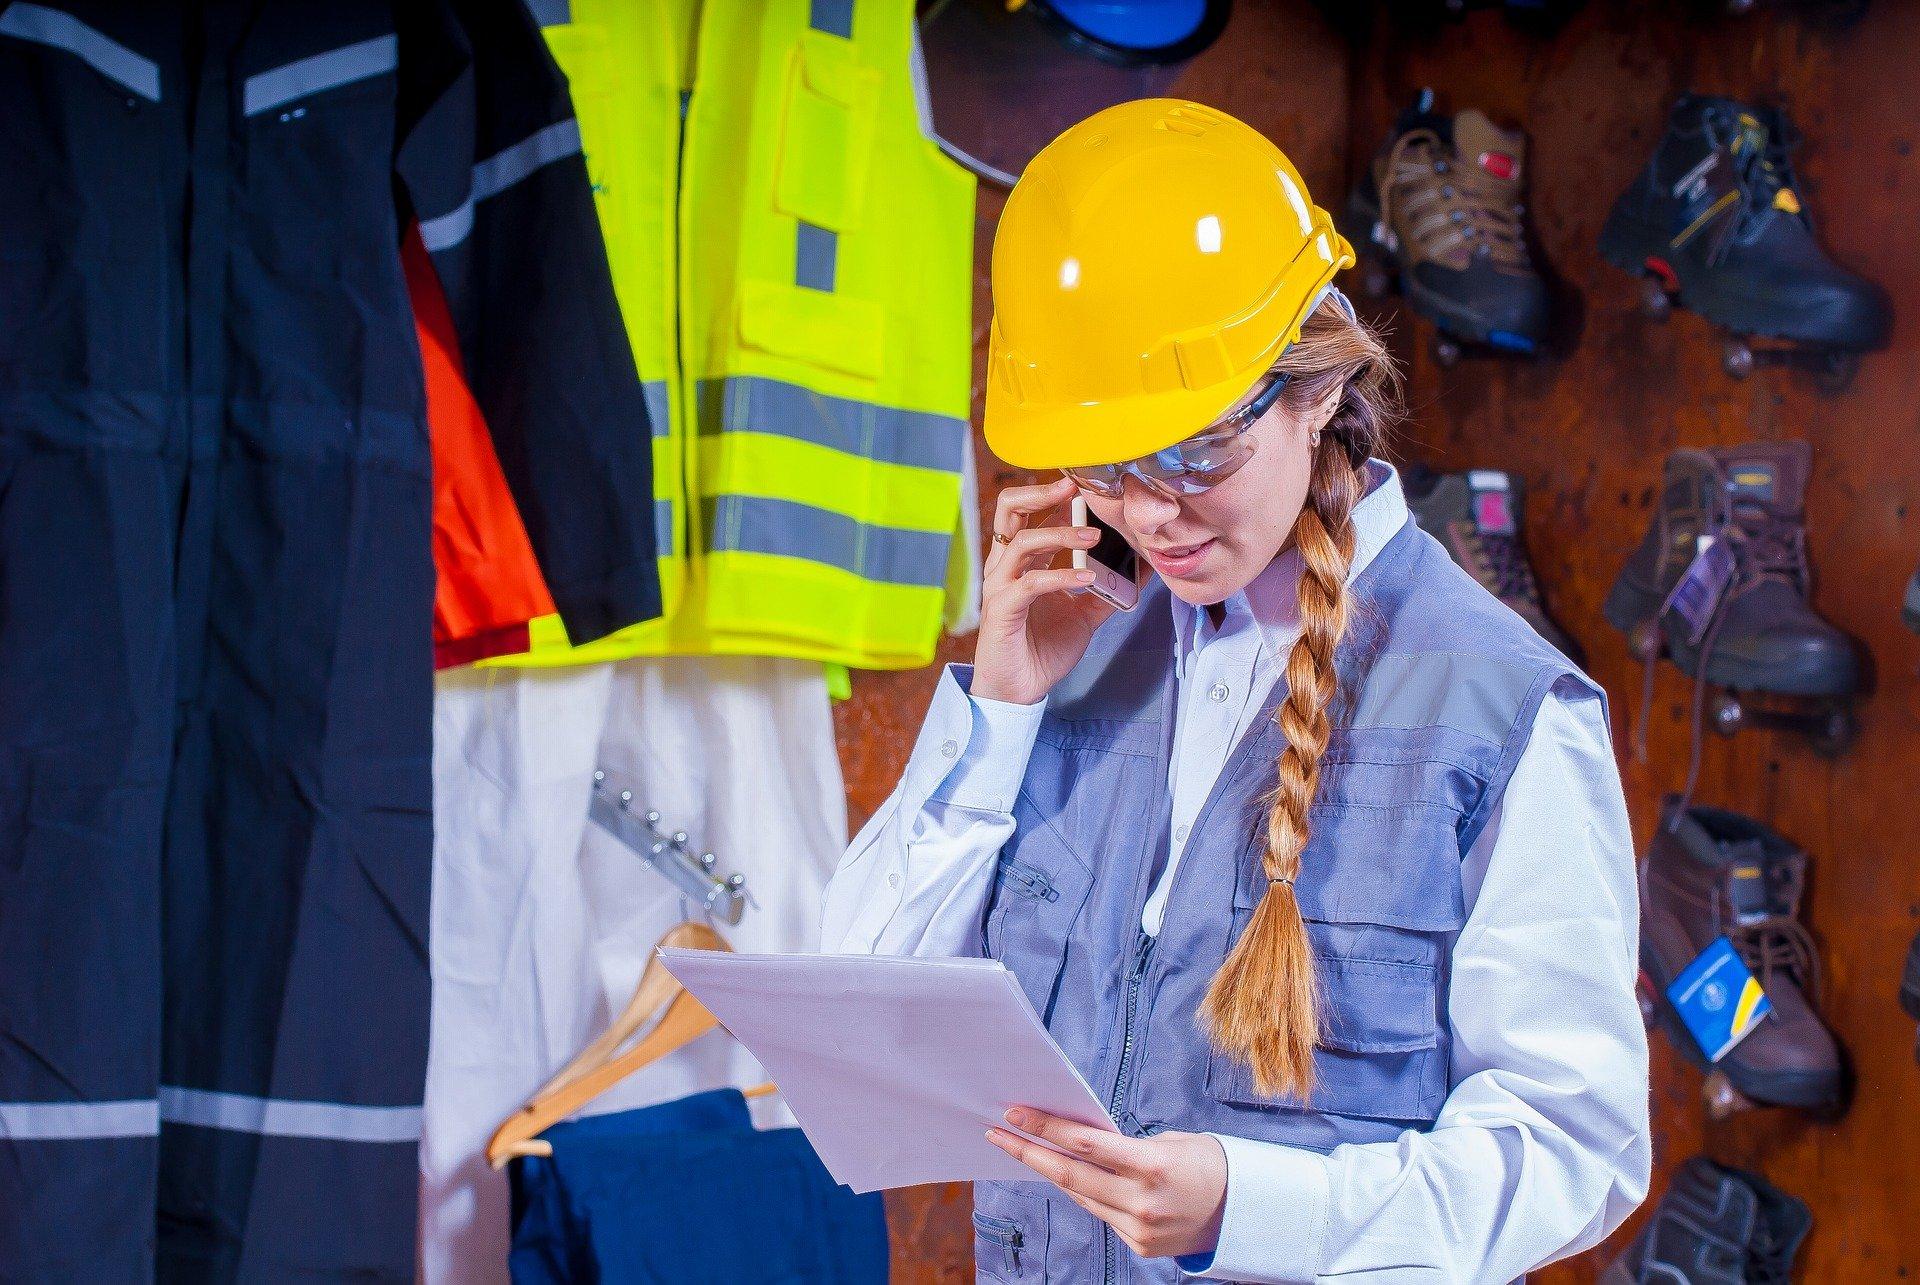 Sicherheitsdienst München, Baustellenbewachung, Baustelle, Bewachung, Security, Brandwache